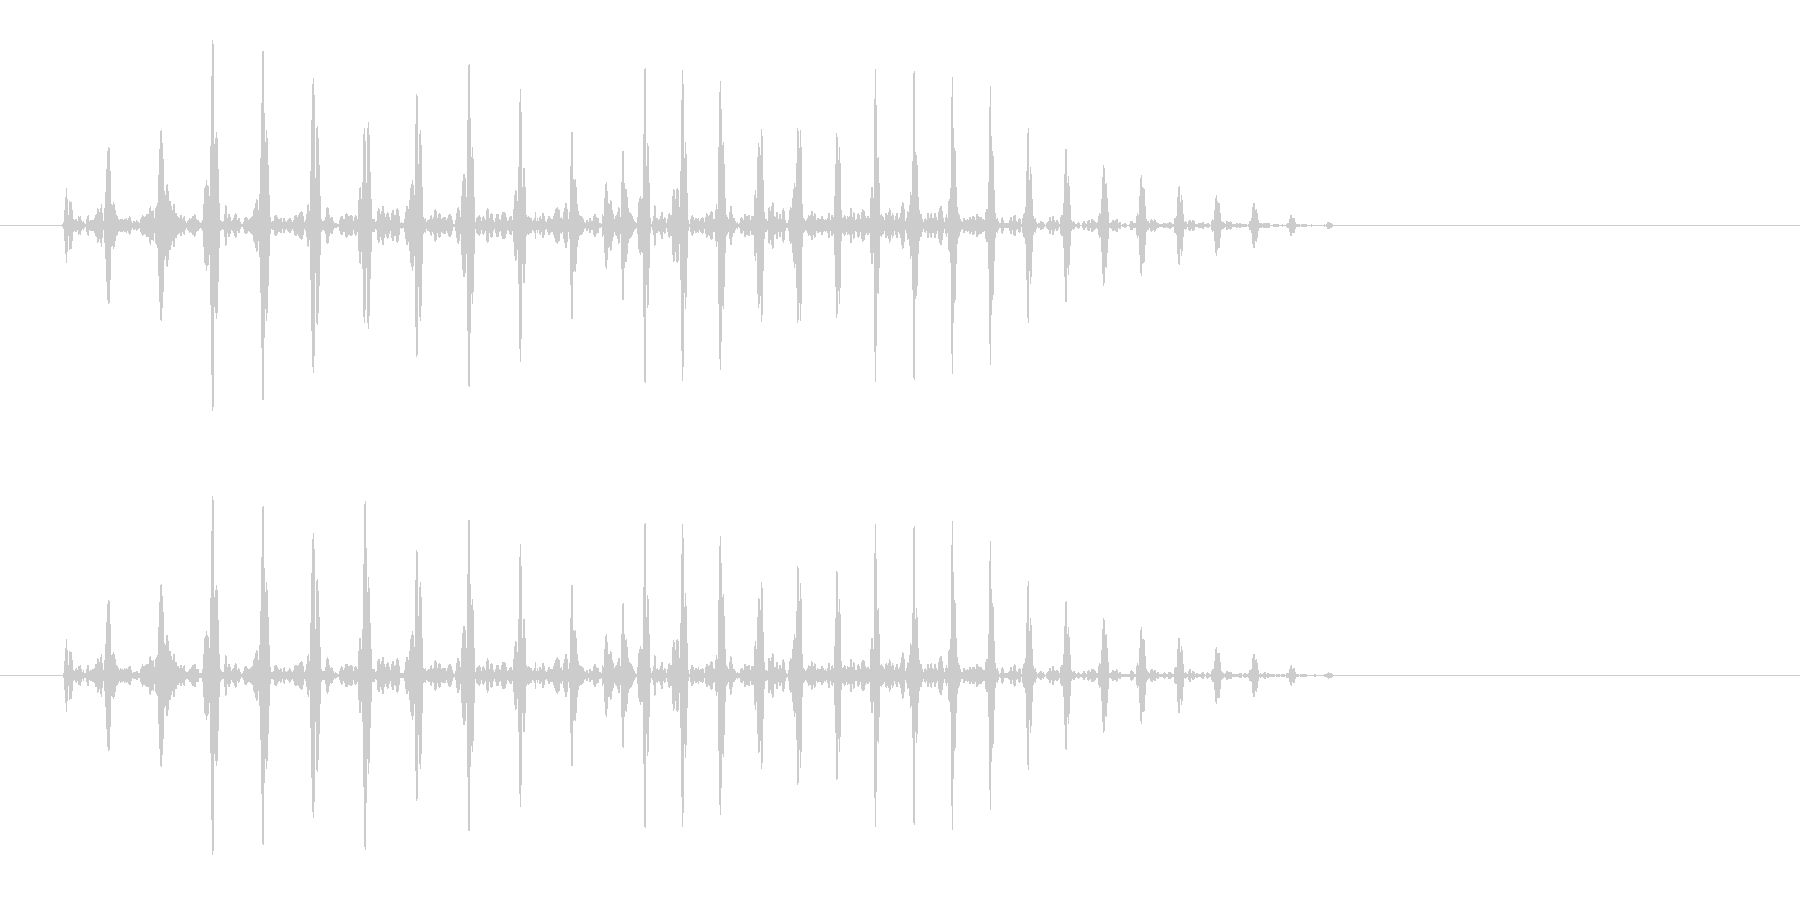 プハ、というラッパのような効果音です。の未再生の波形